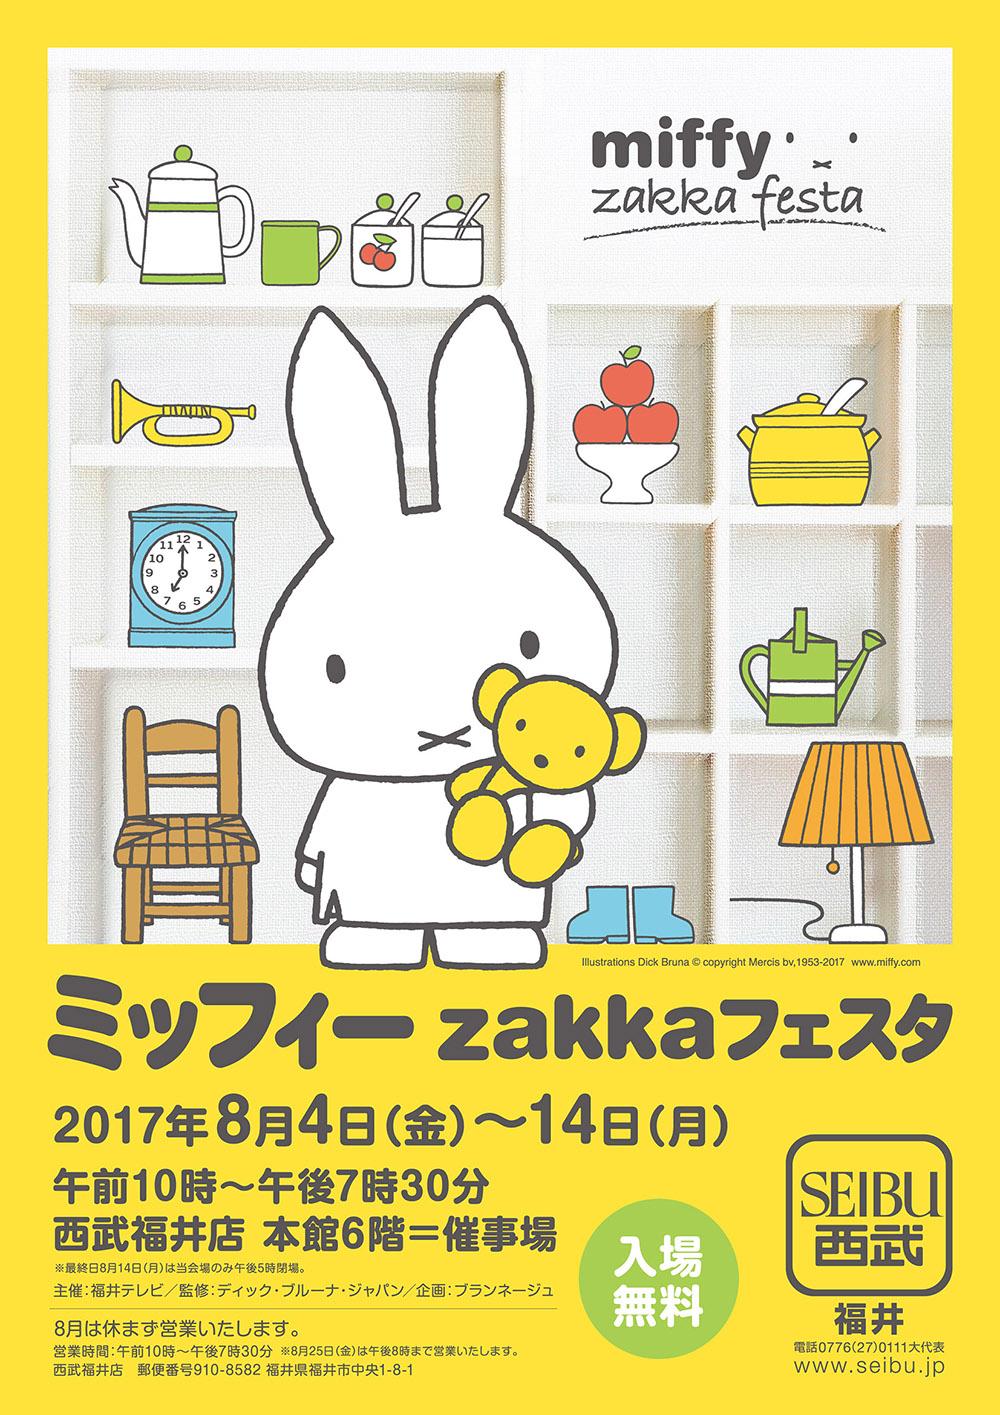 zakkaフェスタ 福井